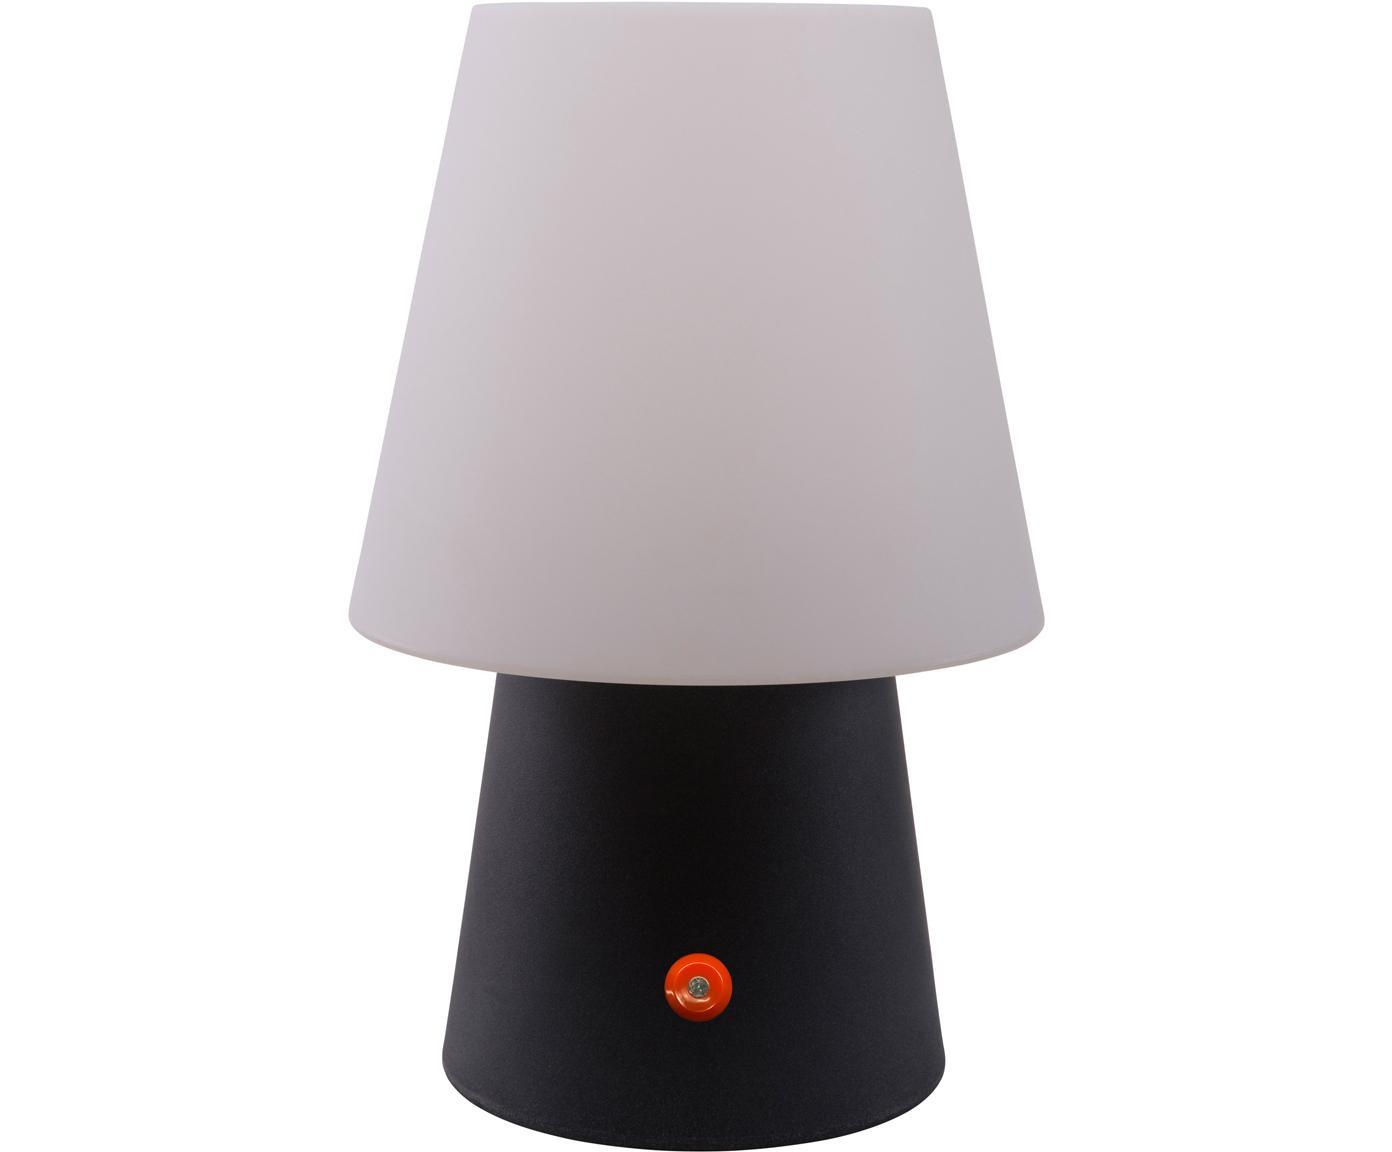 Mobilna lampa stołowa No. 1, Tworzywo sztuczne, Biały, antracytowy, Ø 18 x W 29 cm